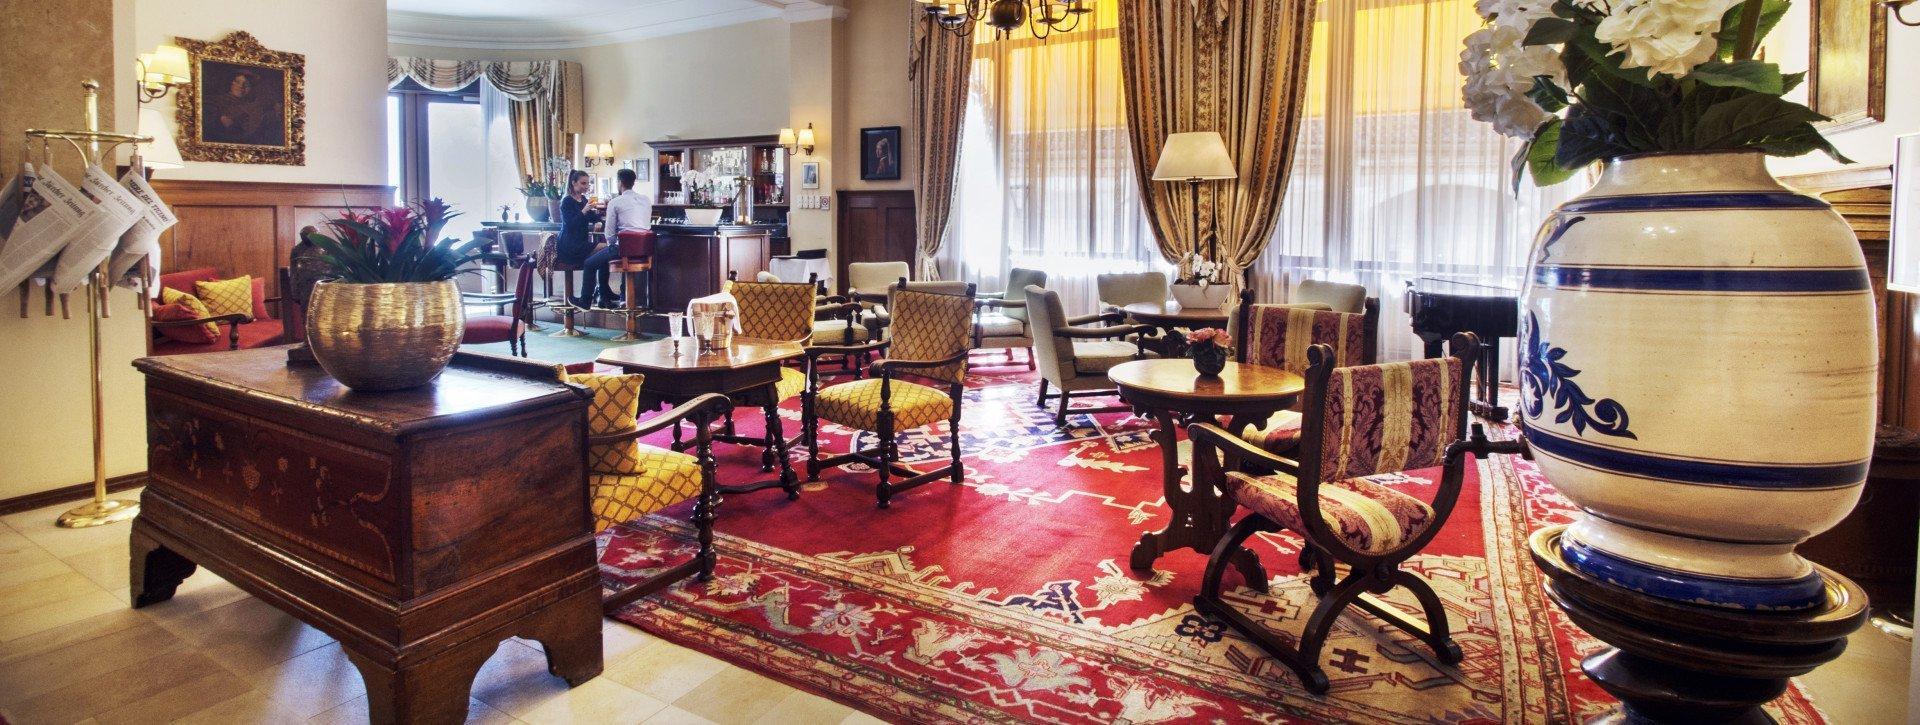 Tapis Salon Couleur Rouille l'ancien tapis persan du salon de l'hôtel » hotel